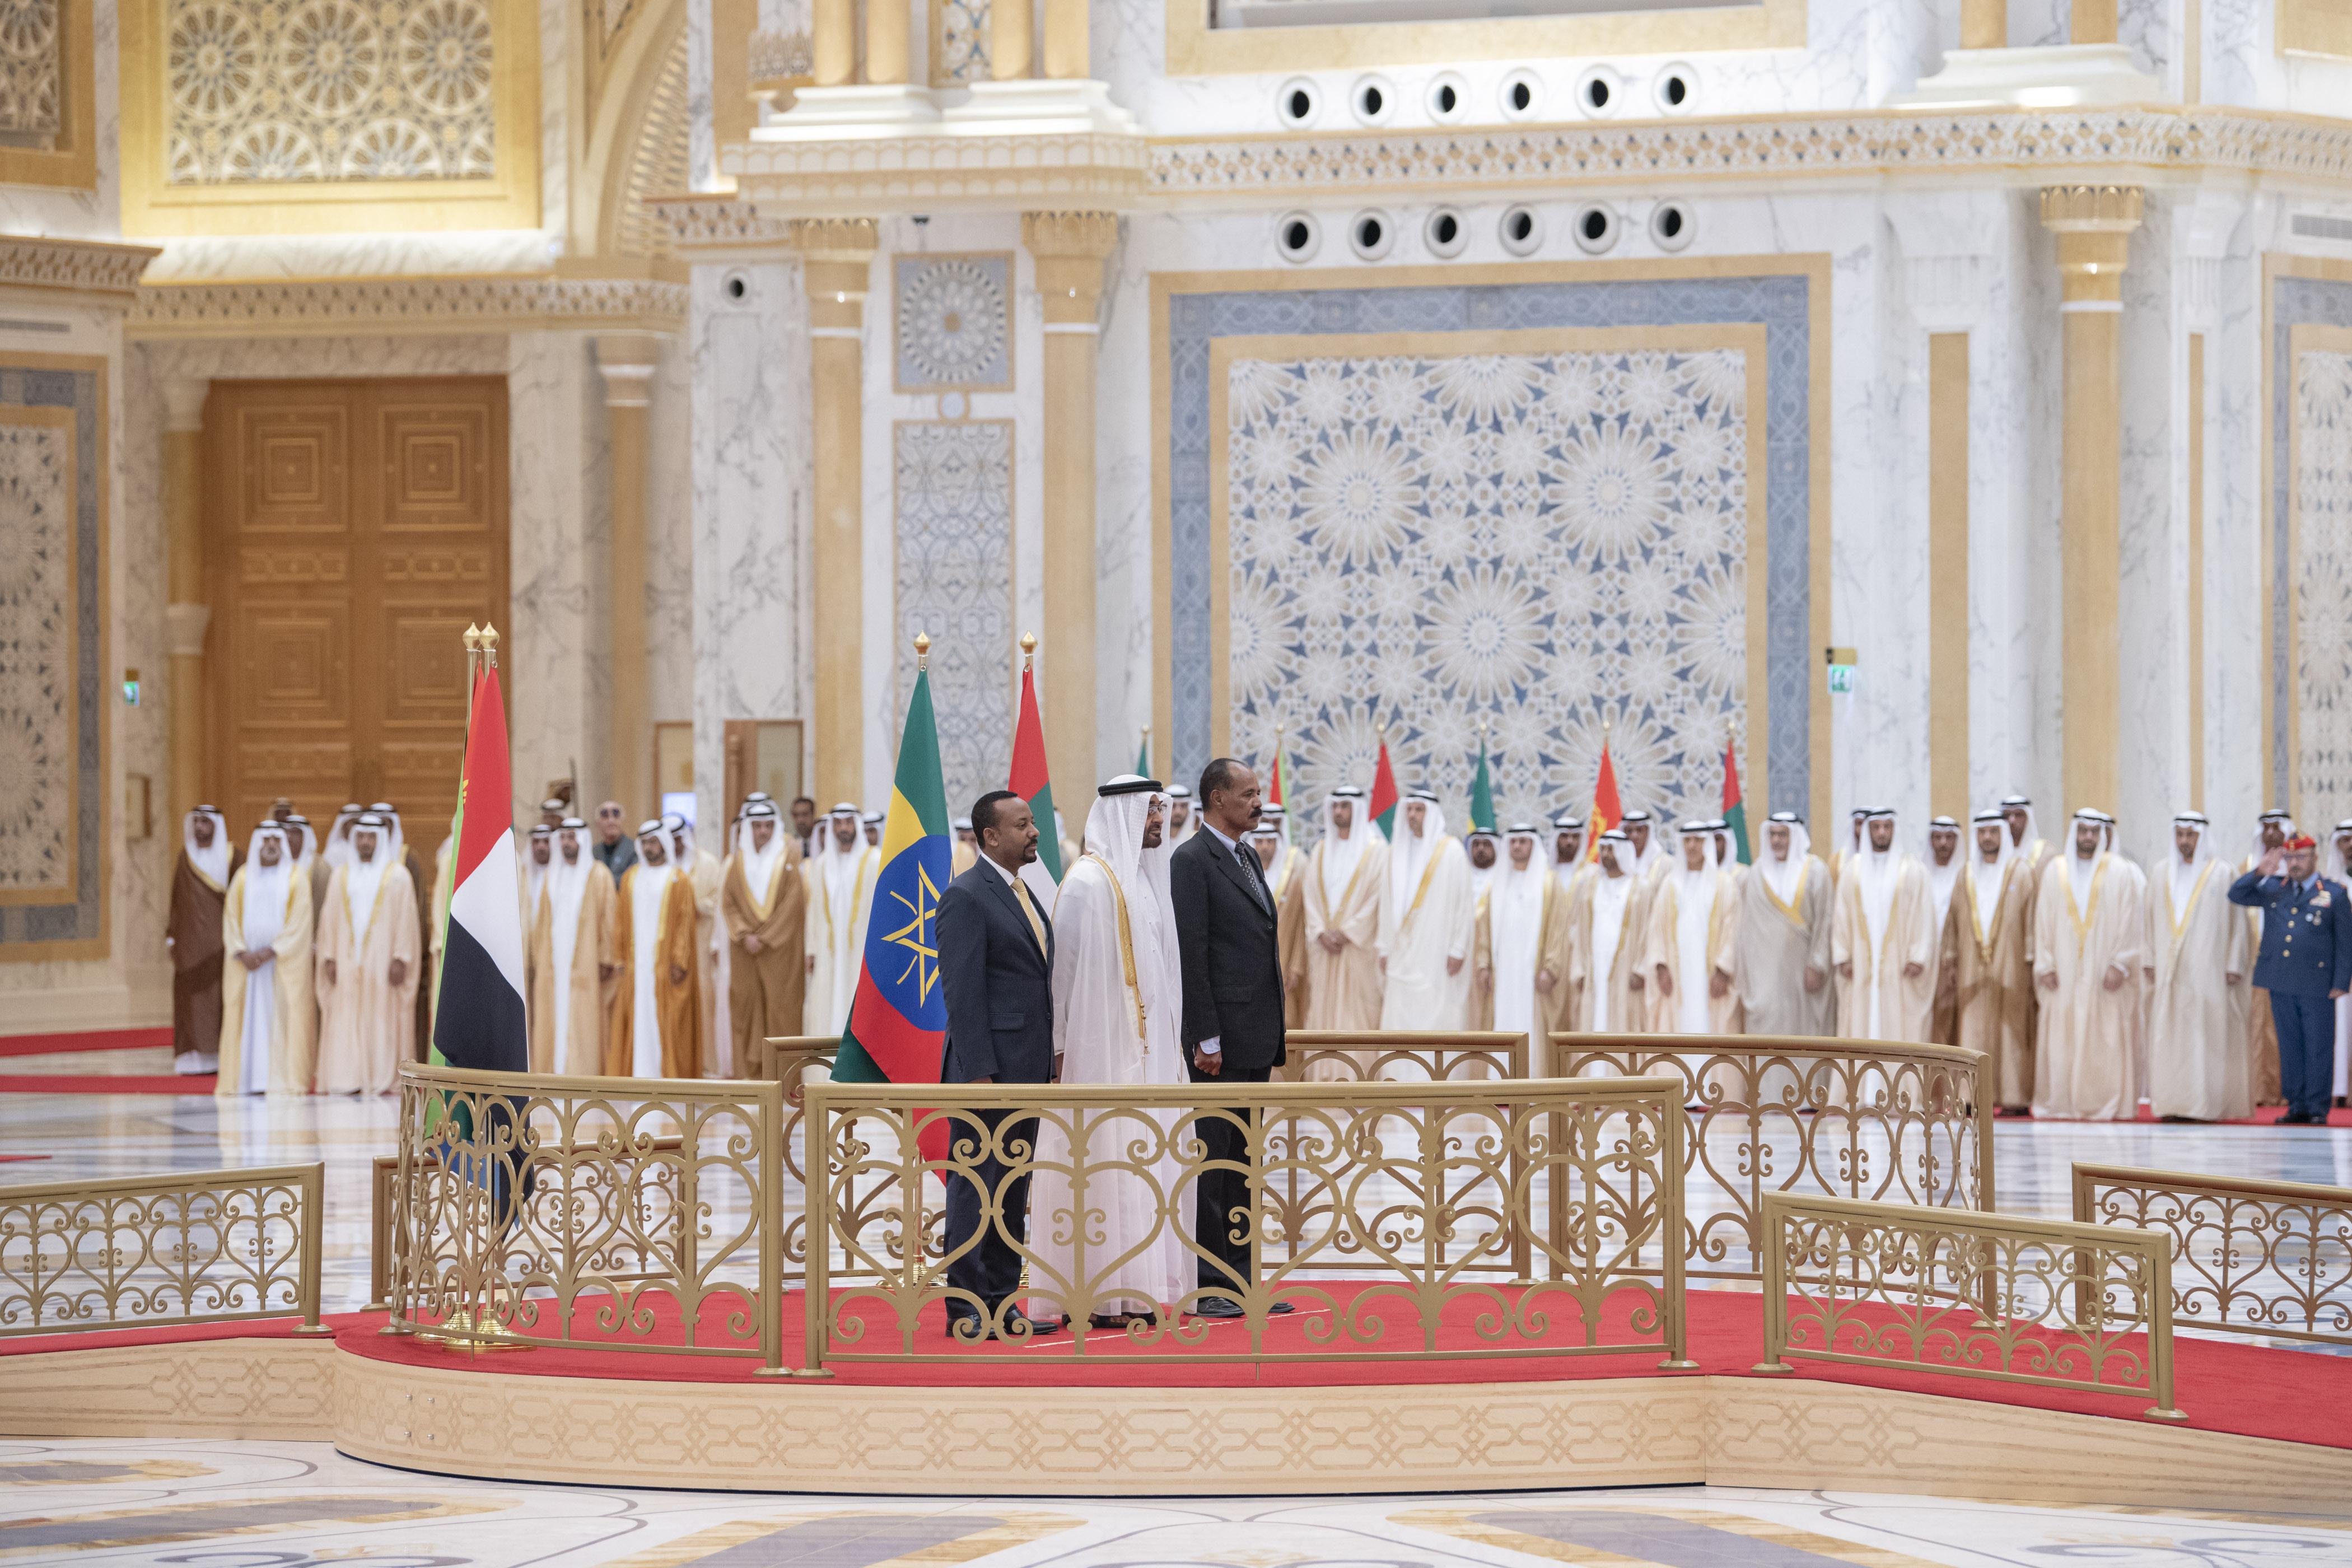 """رئيس الدولة يمنح رئيس إريتريا ورئيس وزراء أثيوبيا """" وسام زايد """" تقديراً لجهودهما في إطلاق مسيرة السلام بين بلديهما 3"""